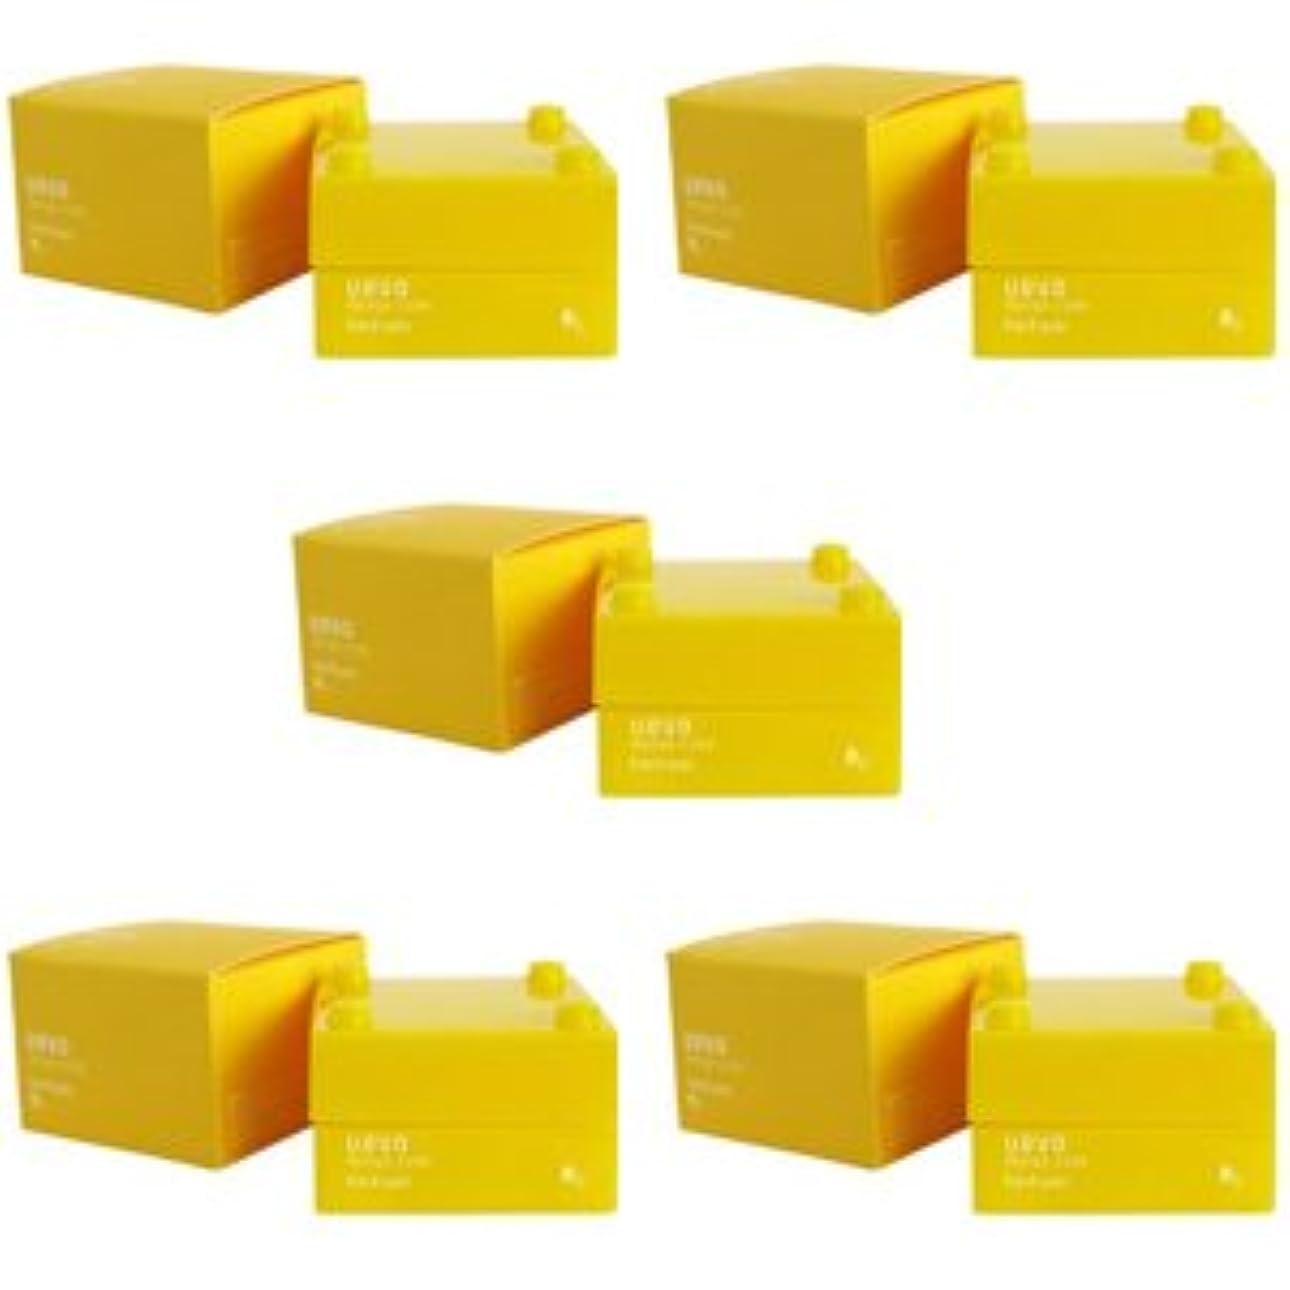 完璧軽蔑するそれに応じて【X5個セット】 デミ ウェーボ デザインキューブ ハードワックス 30g hard wax DEMI uevo design cube